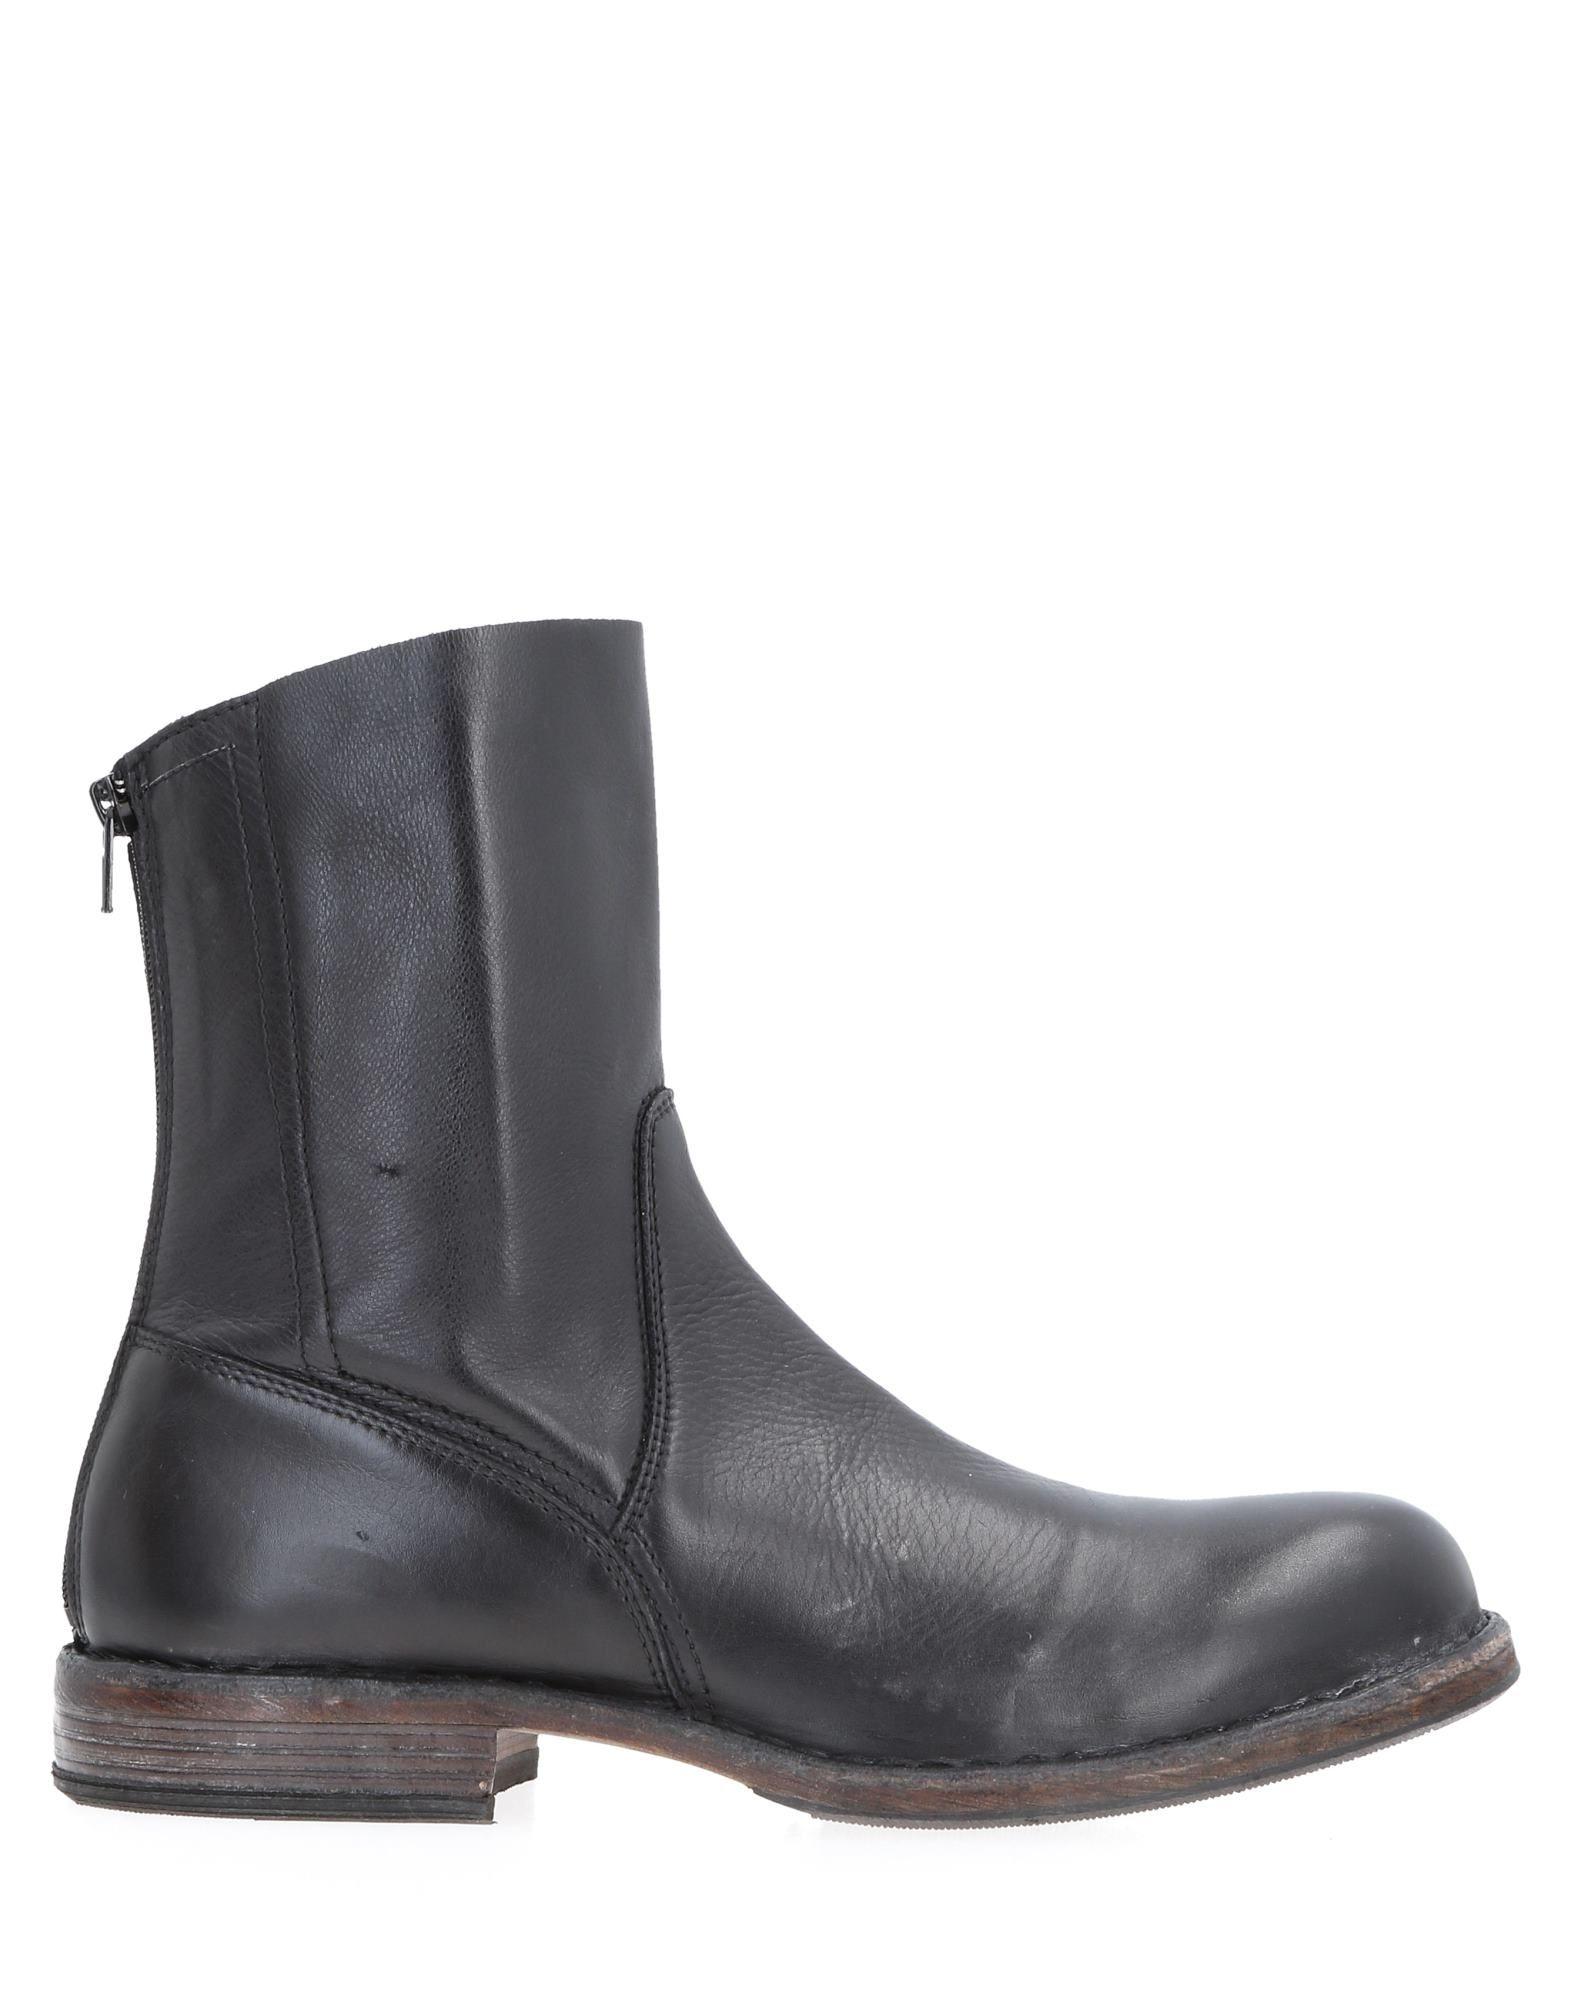 Moma Stiefelette Herren  11516543BB Gute Qualität beliebte Schuhe